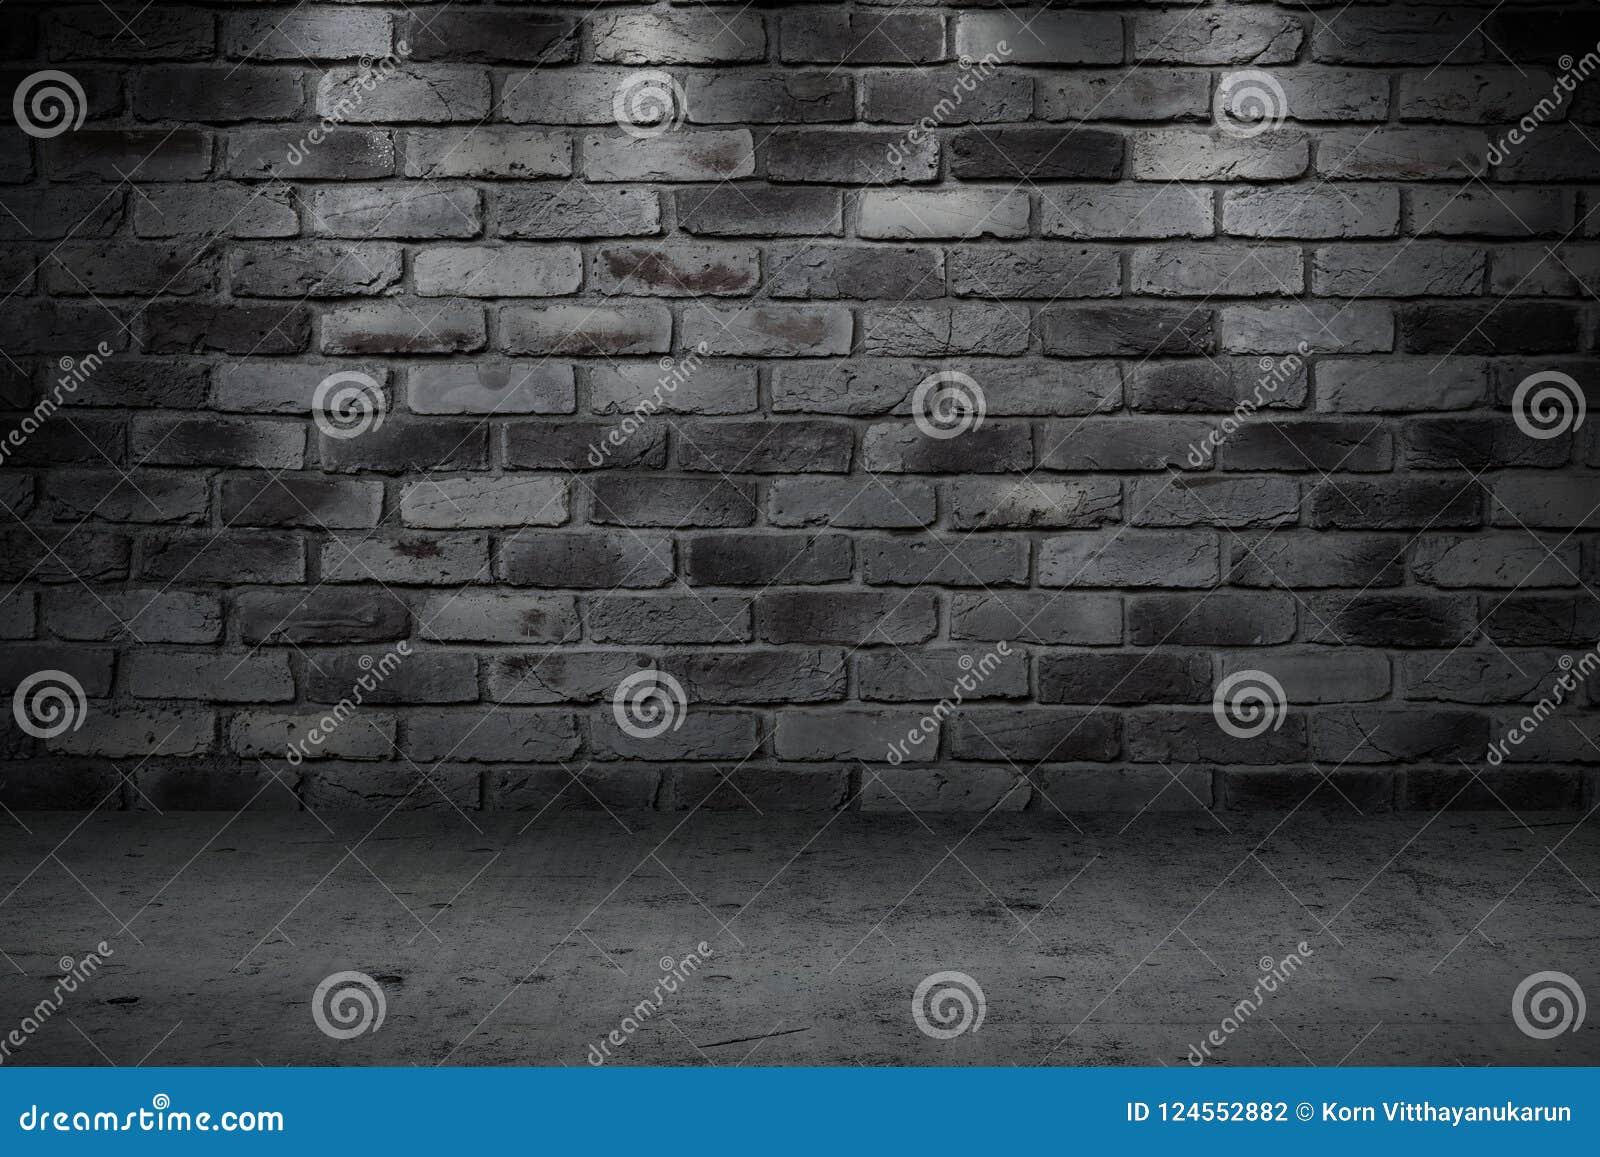 Stone wall dark night alley quiet street